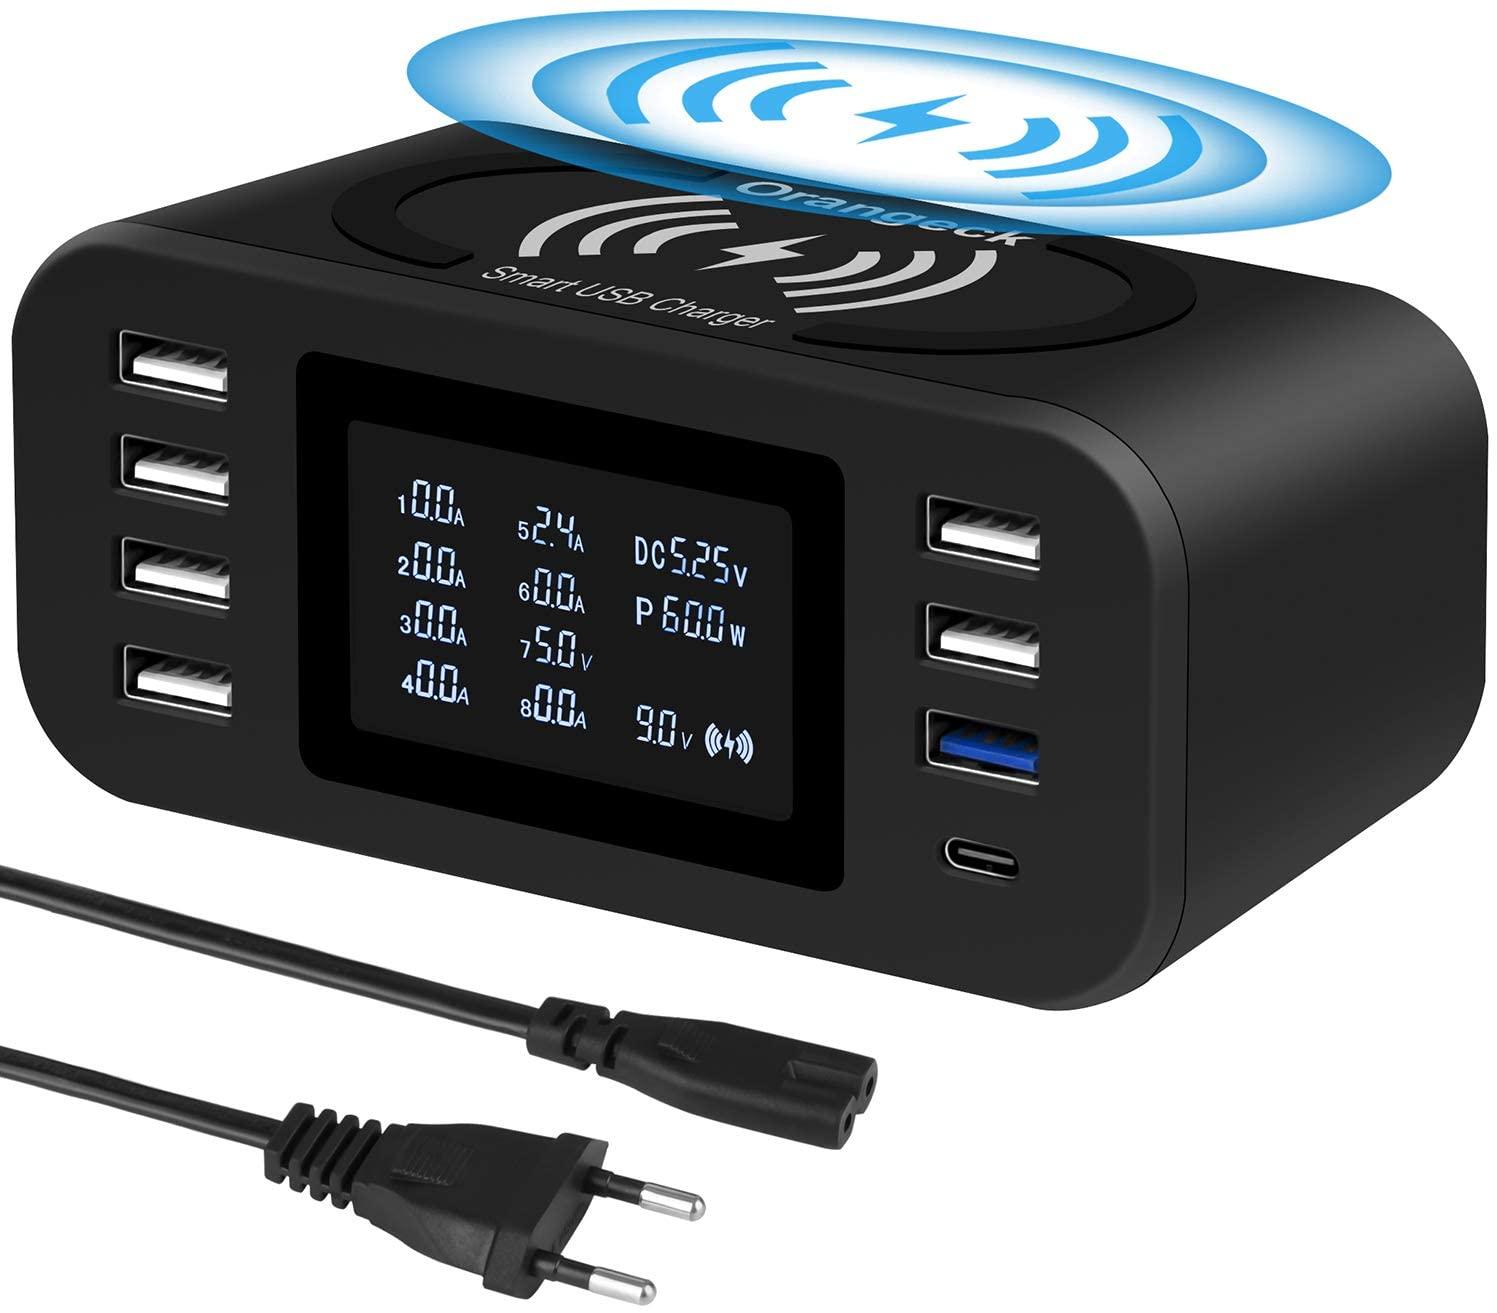 Estación de Carga USB Cargador con 8 Puertos con LDE Pantalla Base de Carga para iPhone Samsungs Huawei y ipads